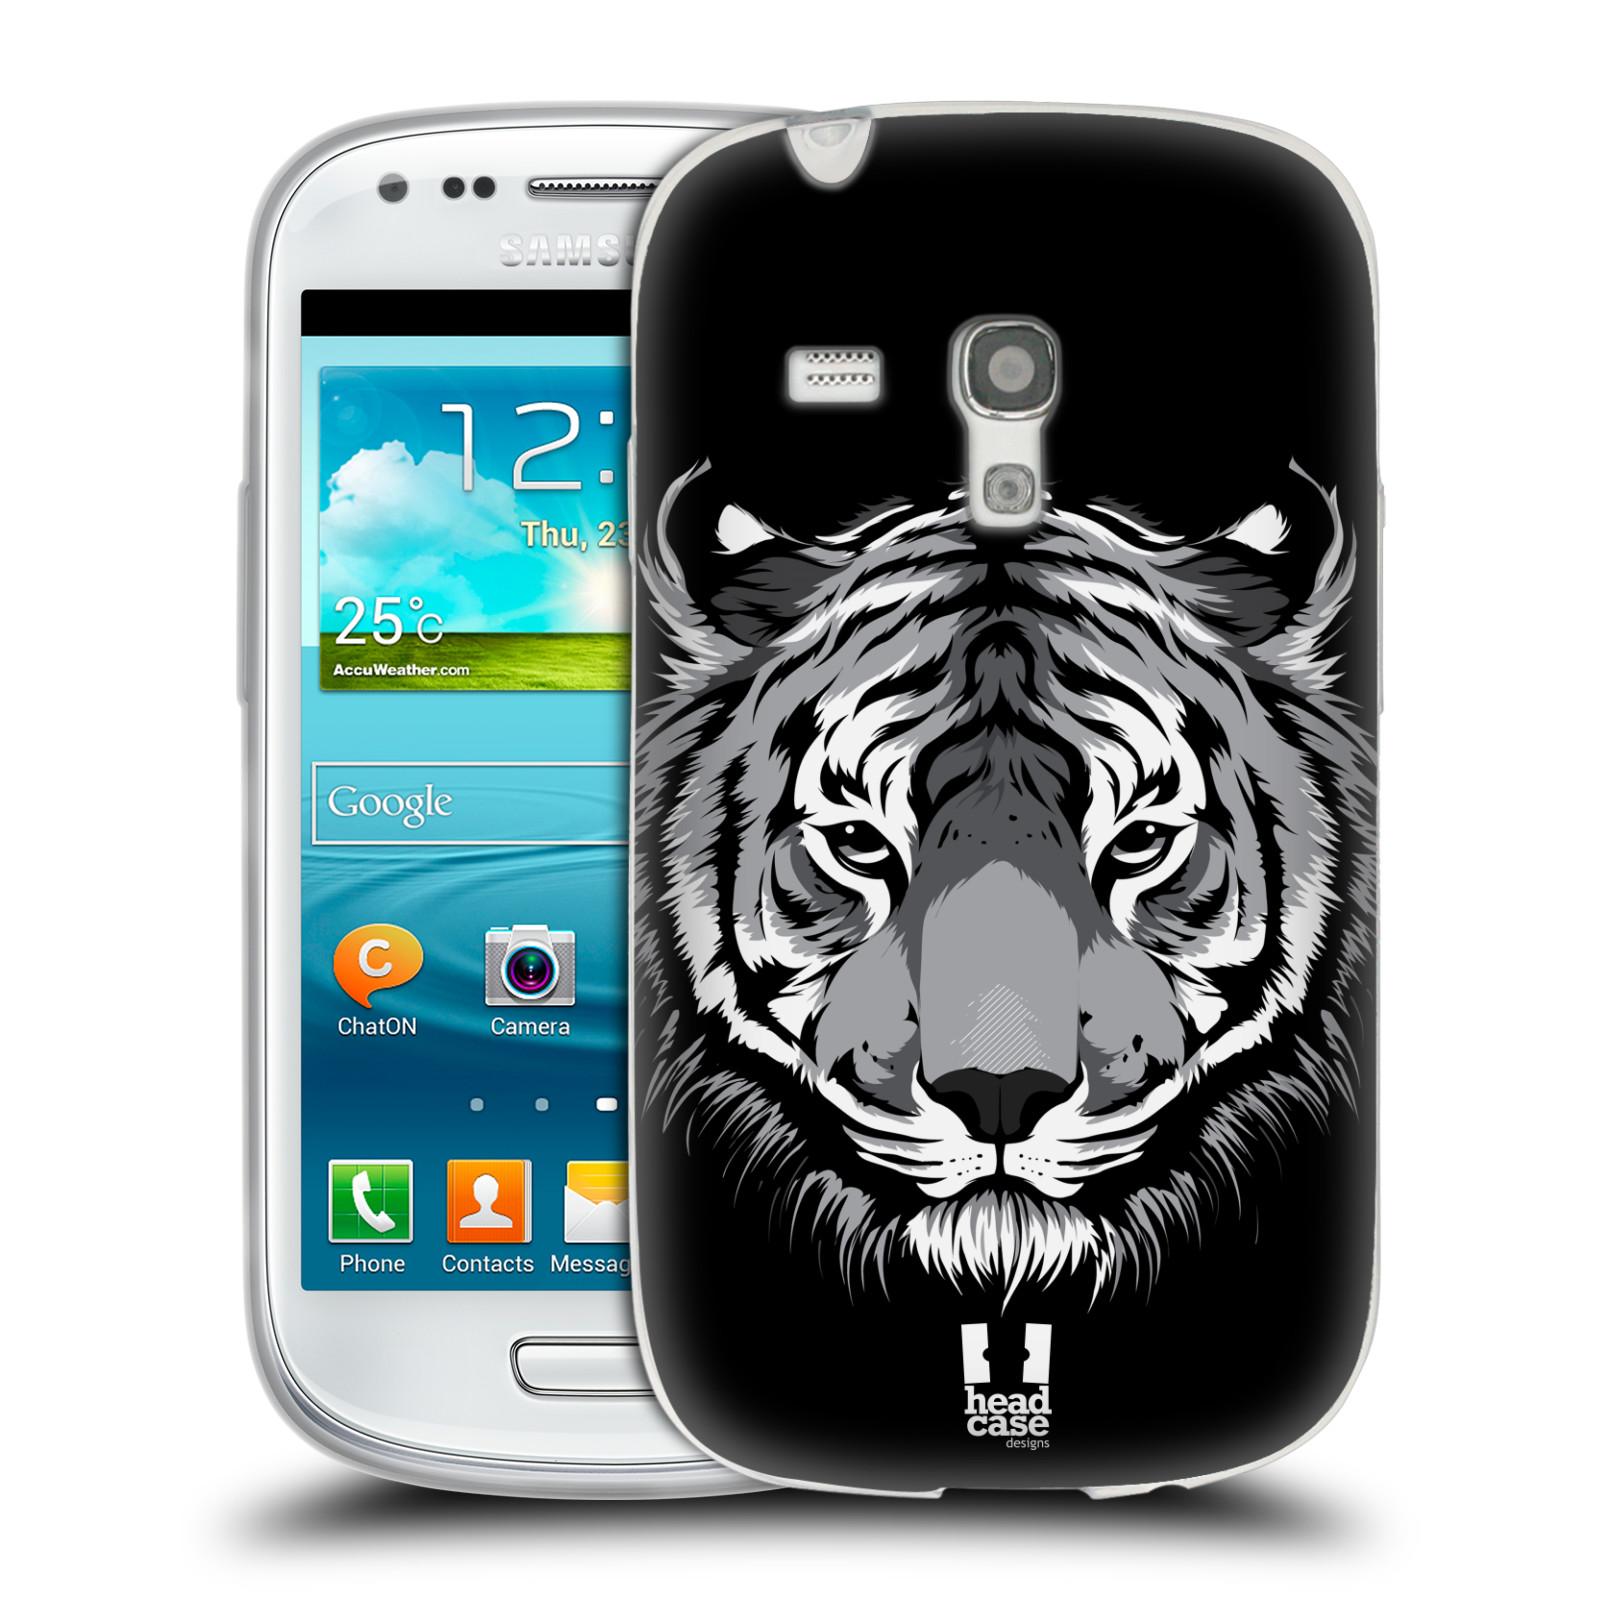 HEAD CASE silikonový obal na mobil Samsung Galaxy S3 MINI i8190 vzor Zvíře kreslená tvář 2 tygr